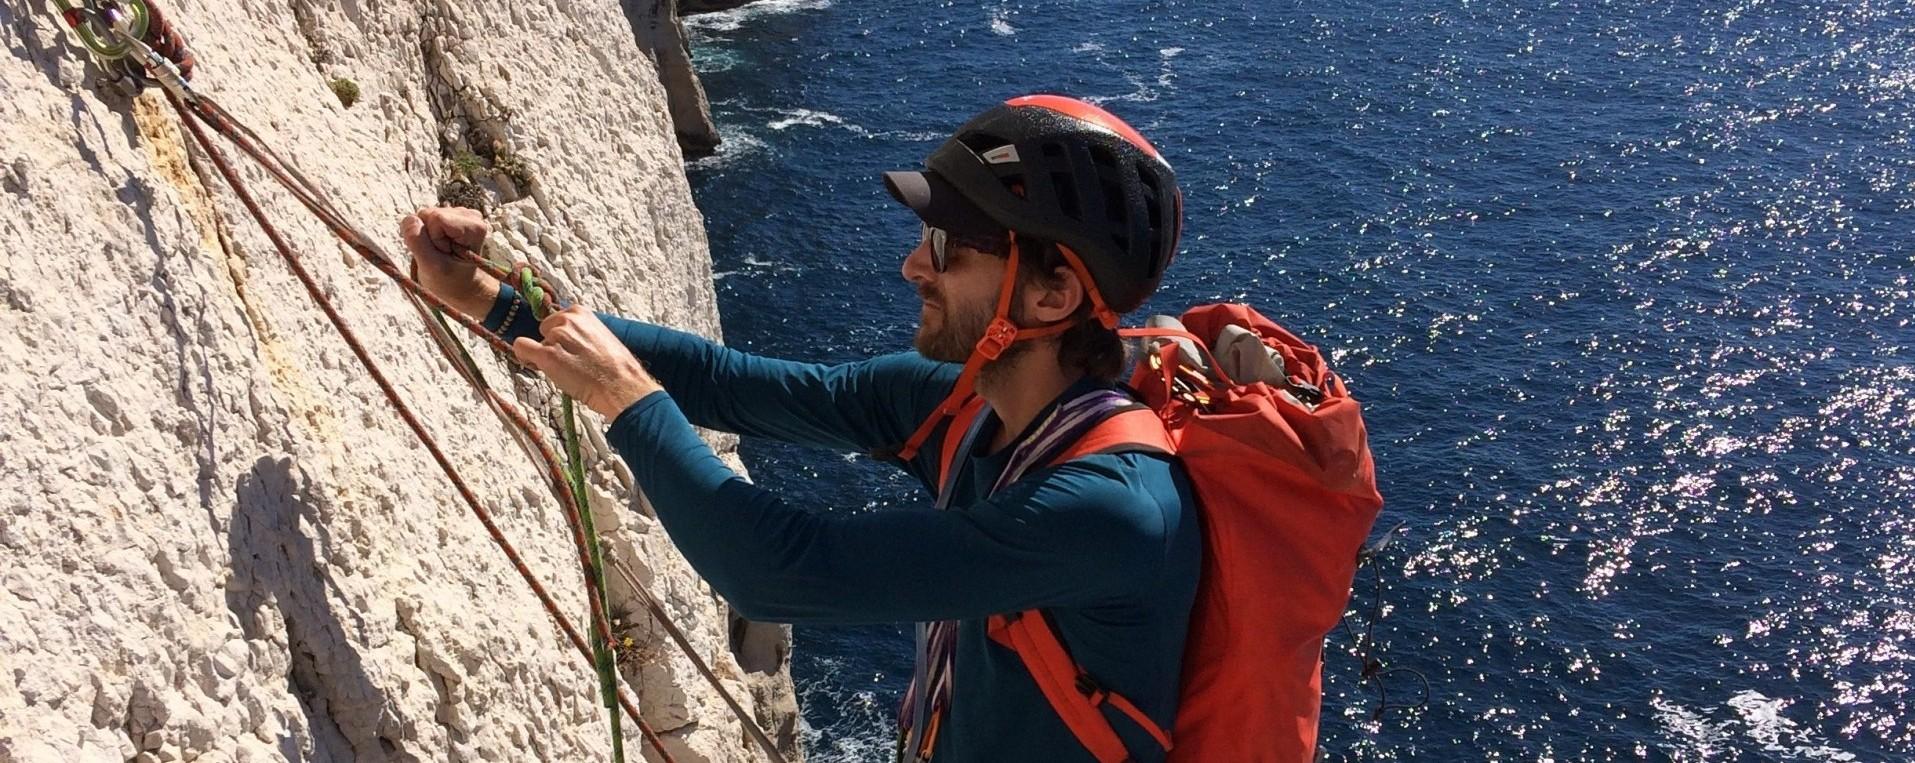 Moniteur d escalade et canyon dans les Hautes-Alpes